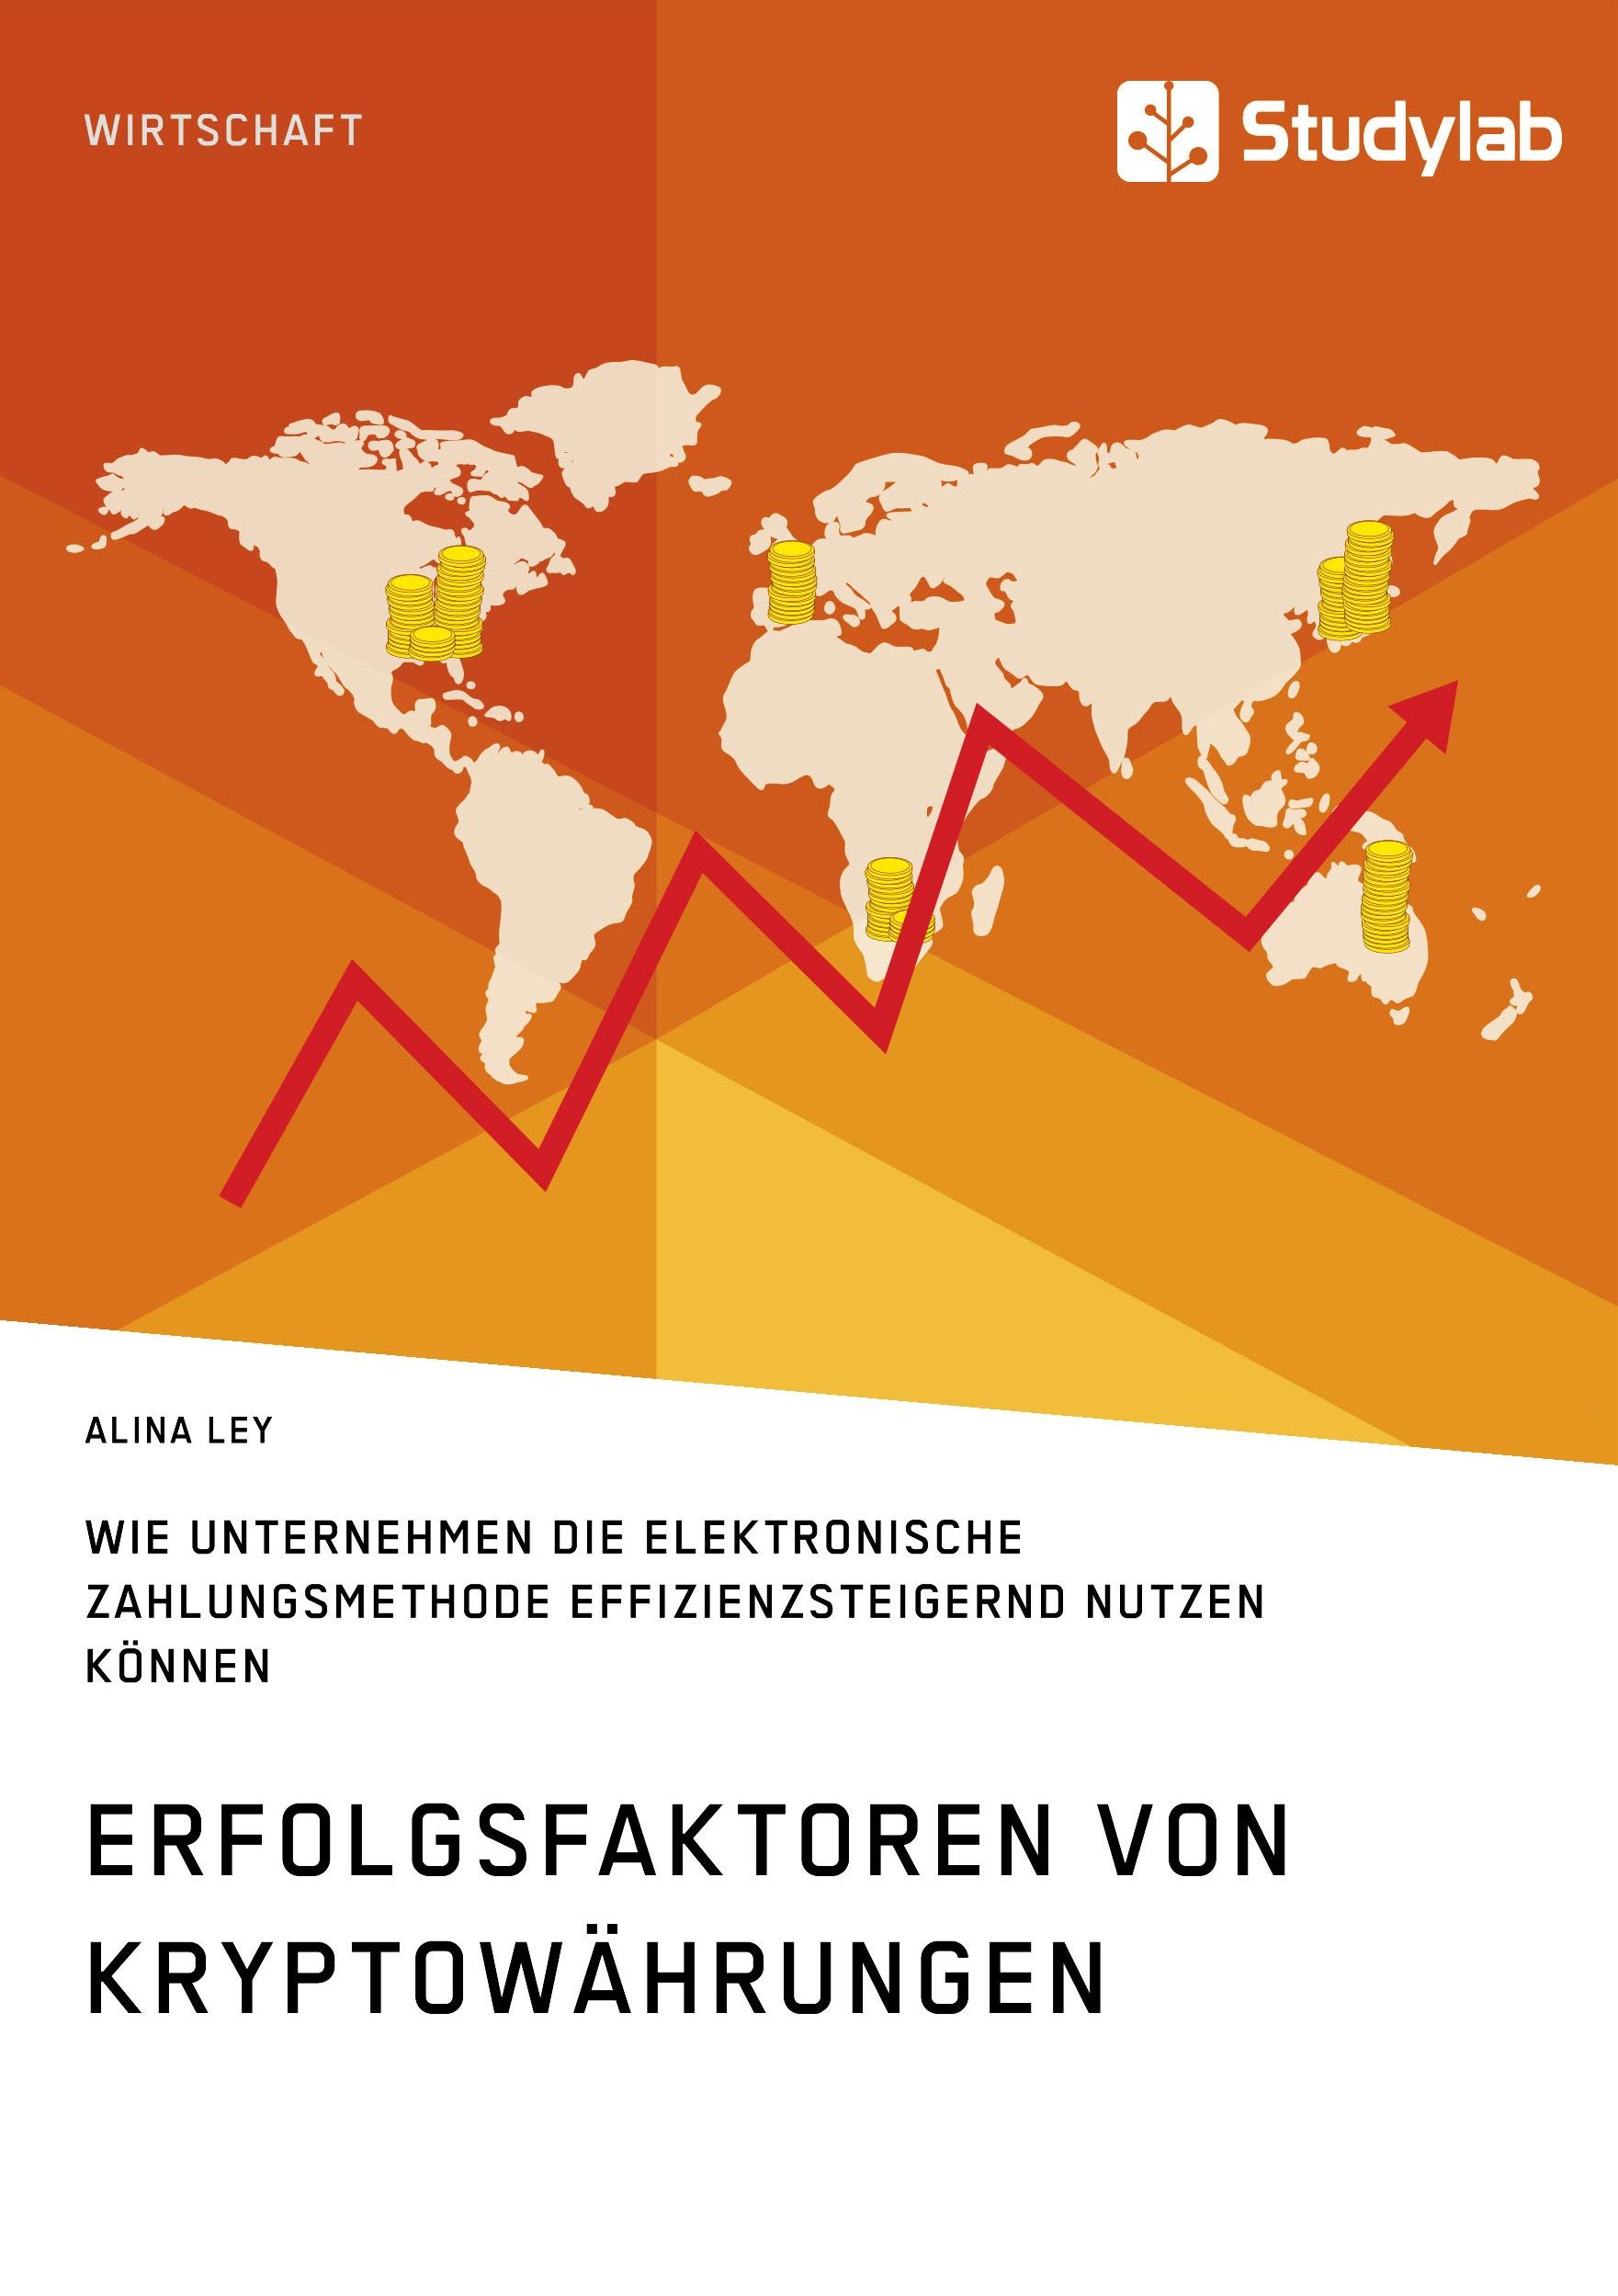 Titel: Erfolgsfaktoren von Kryptowährungen. Wie Unternehmen die elektronische Zahlungsmethode effizienzsteigernd nutzen können